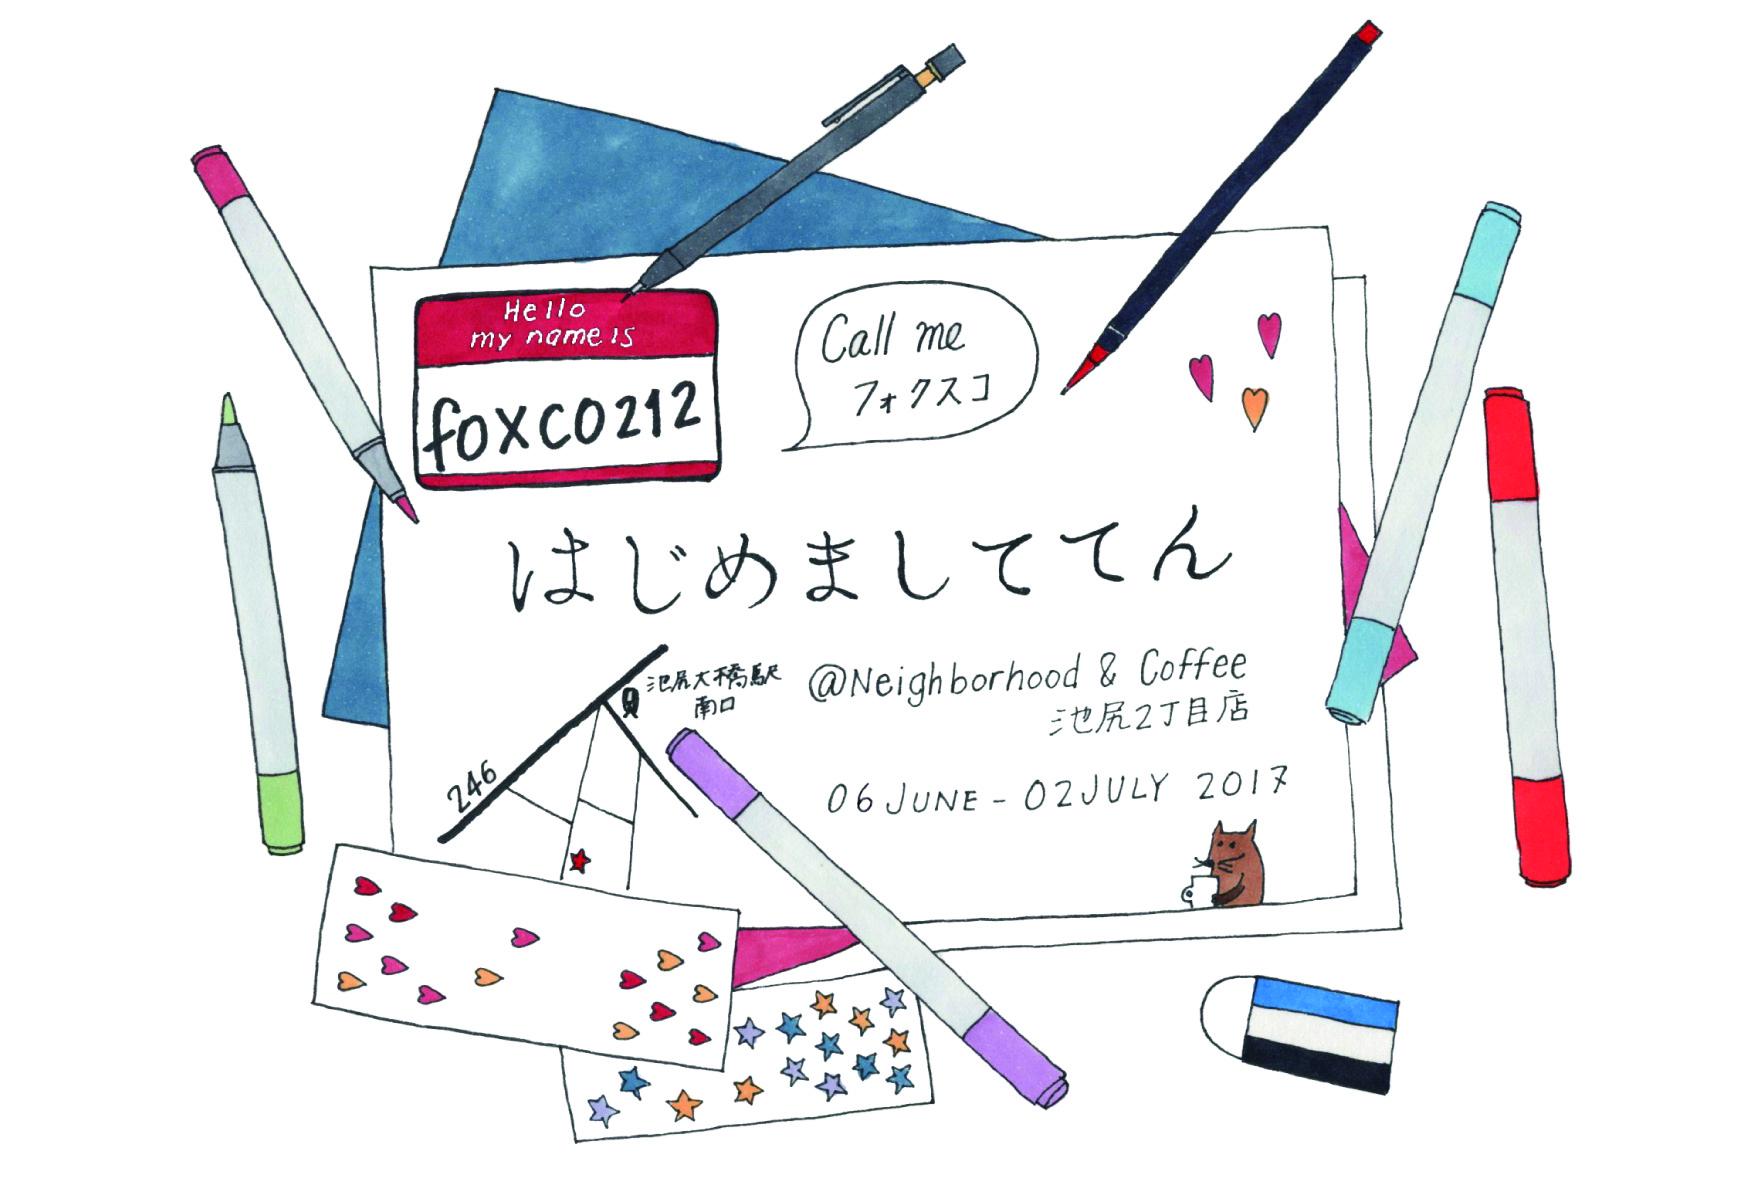 ファッション誌で活躍中!foxco212「はじめましててん」【今週のおすすめアート】